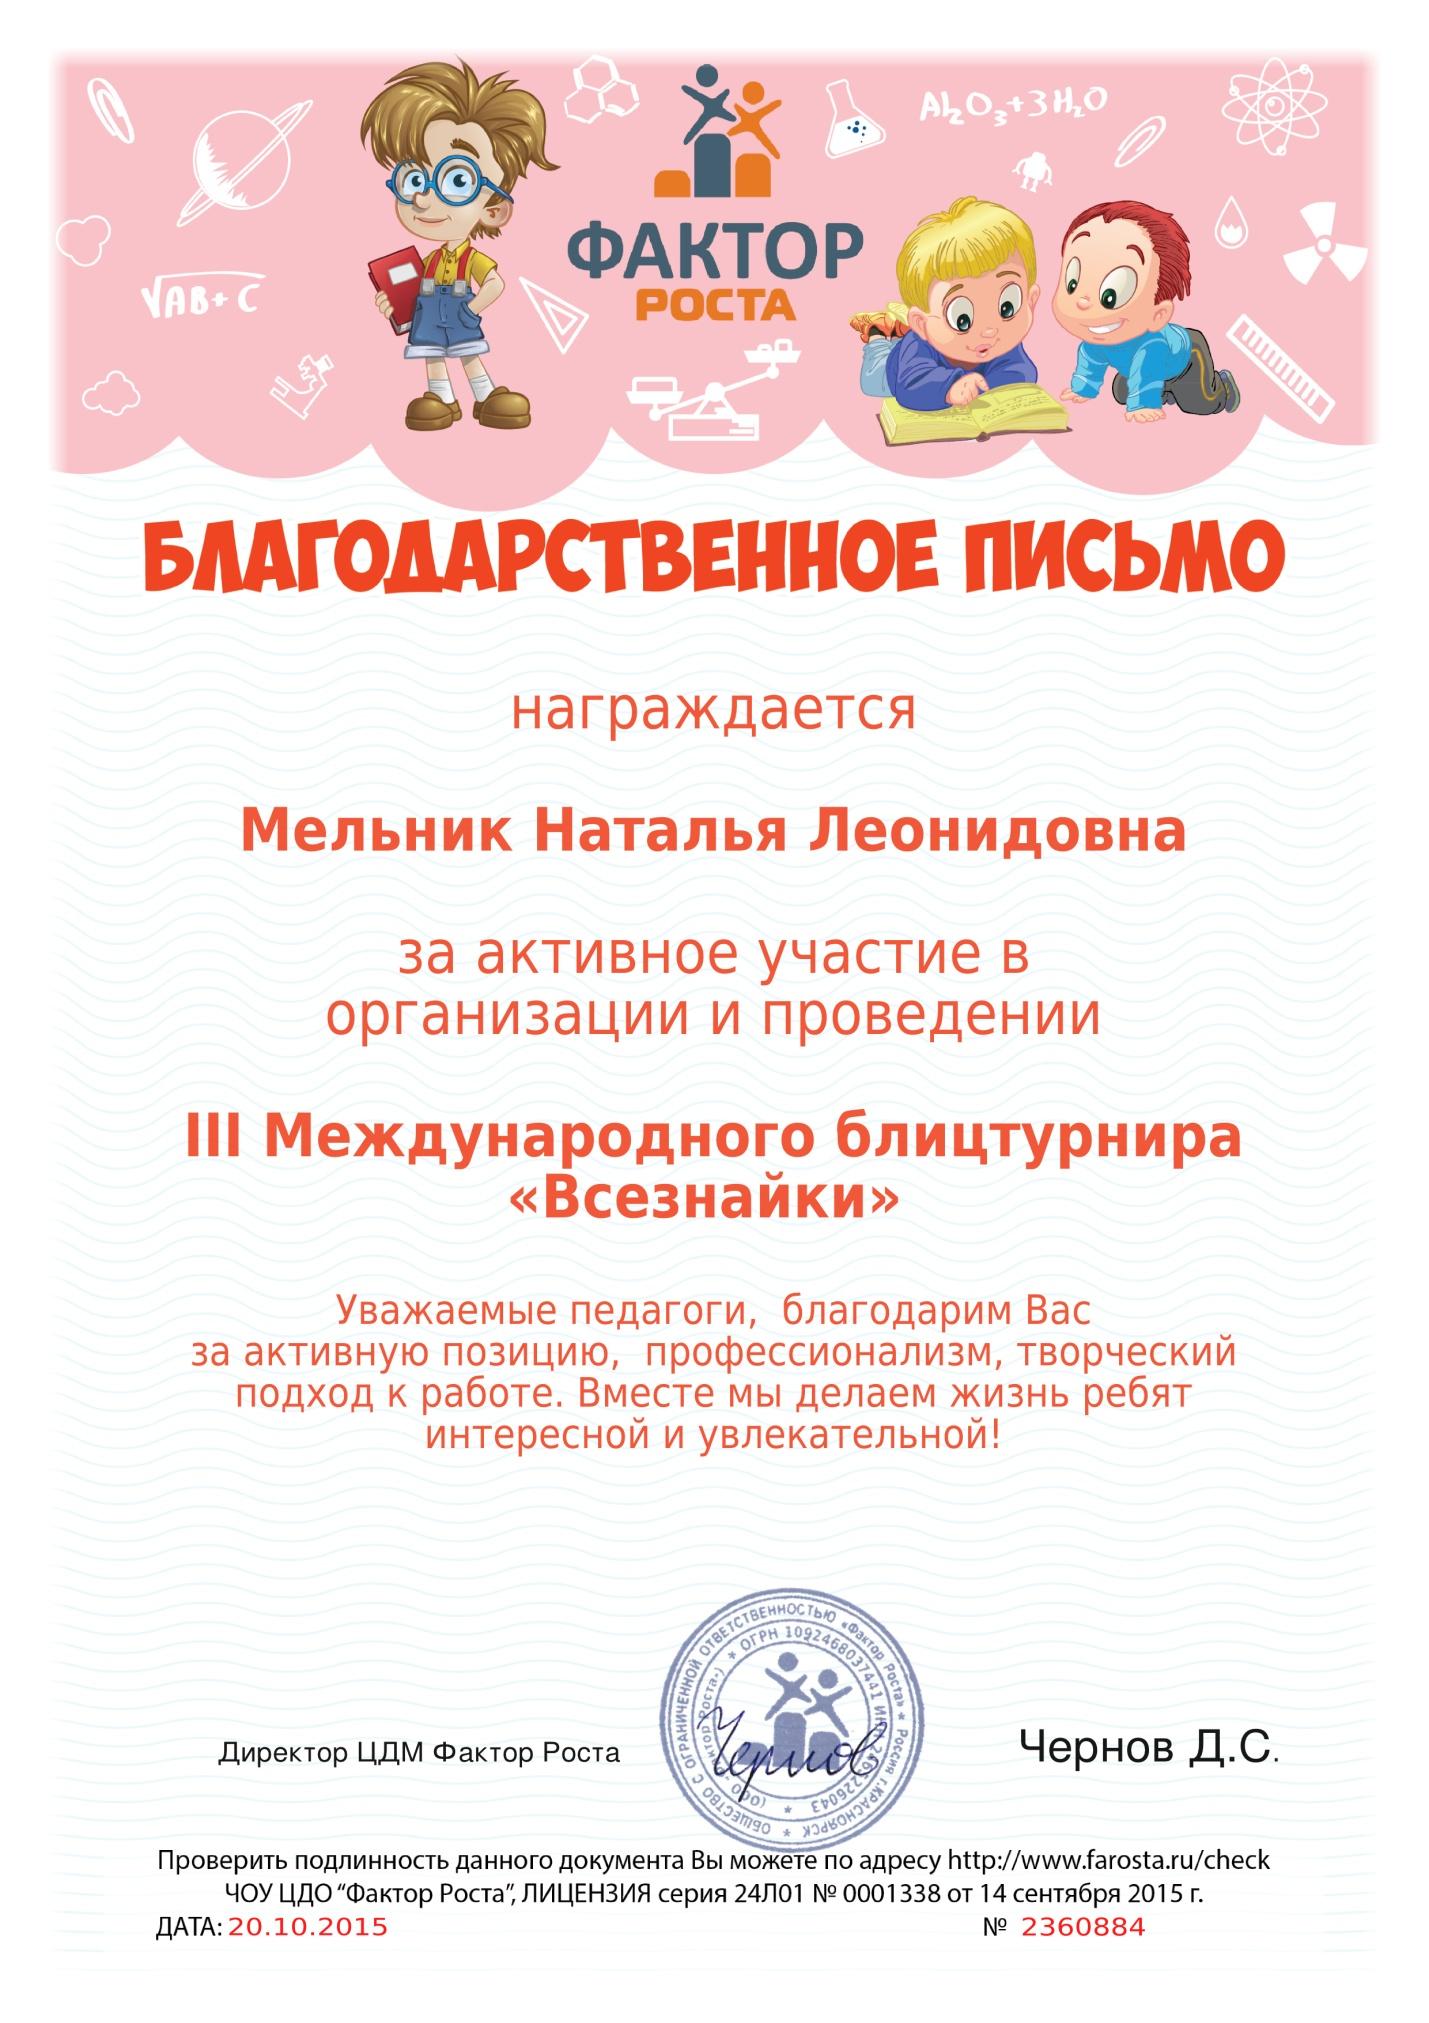 C:\Users\Наташа\Documents\аттестация моя\в портфолио 15г\2360884-img.jpg